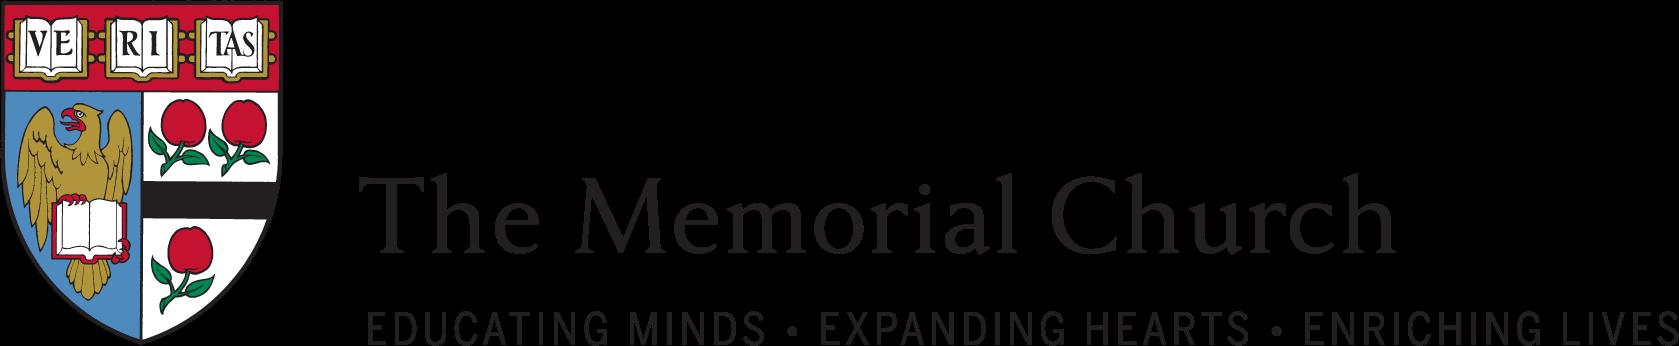 Harvard corporate sponsors